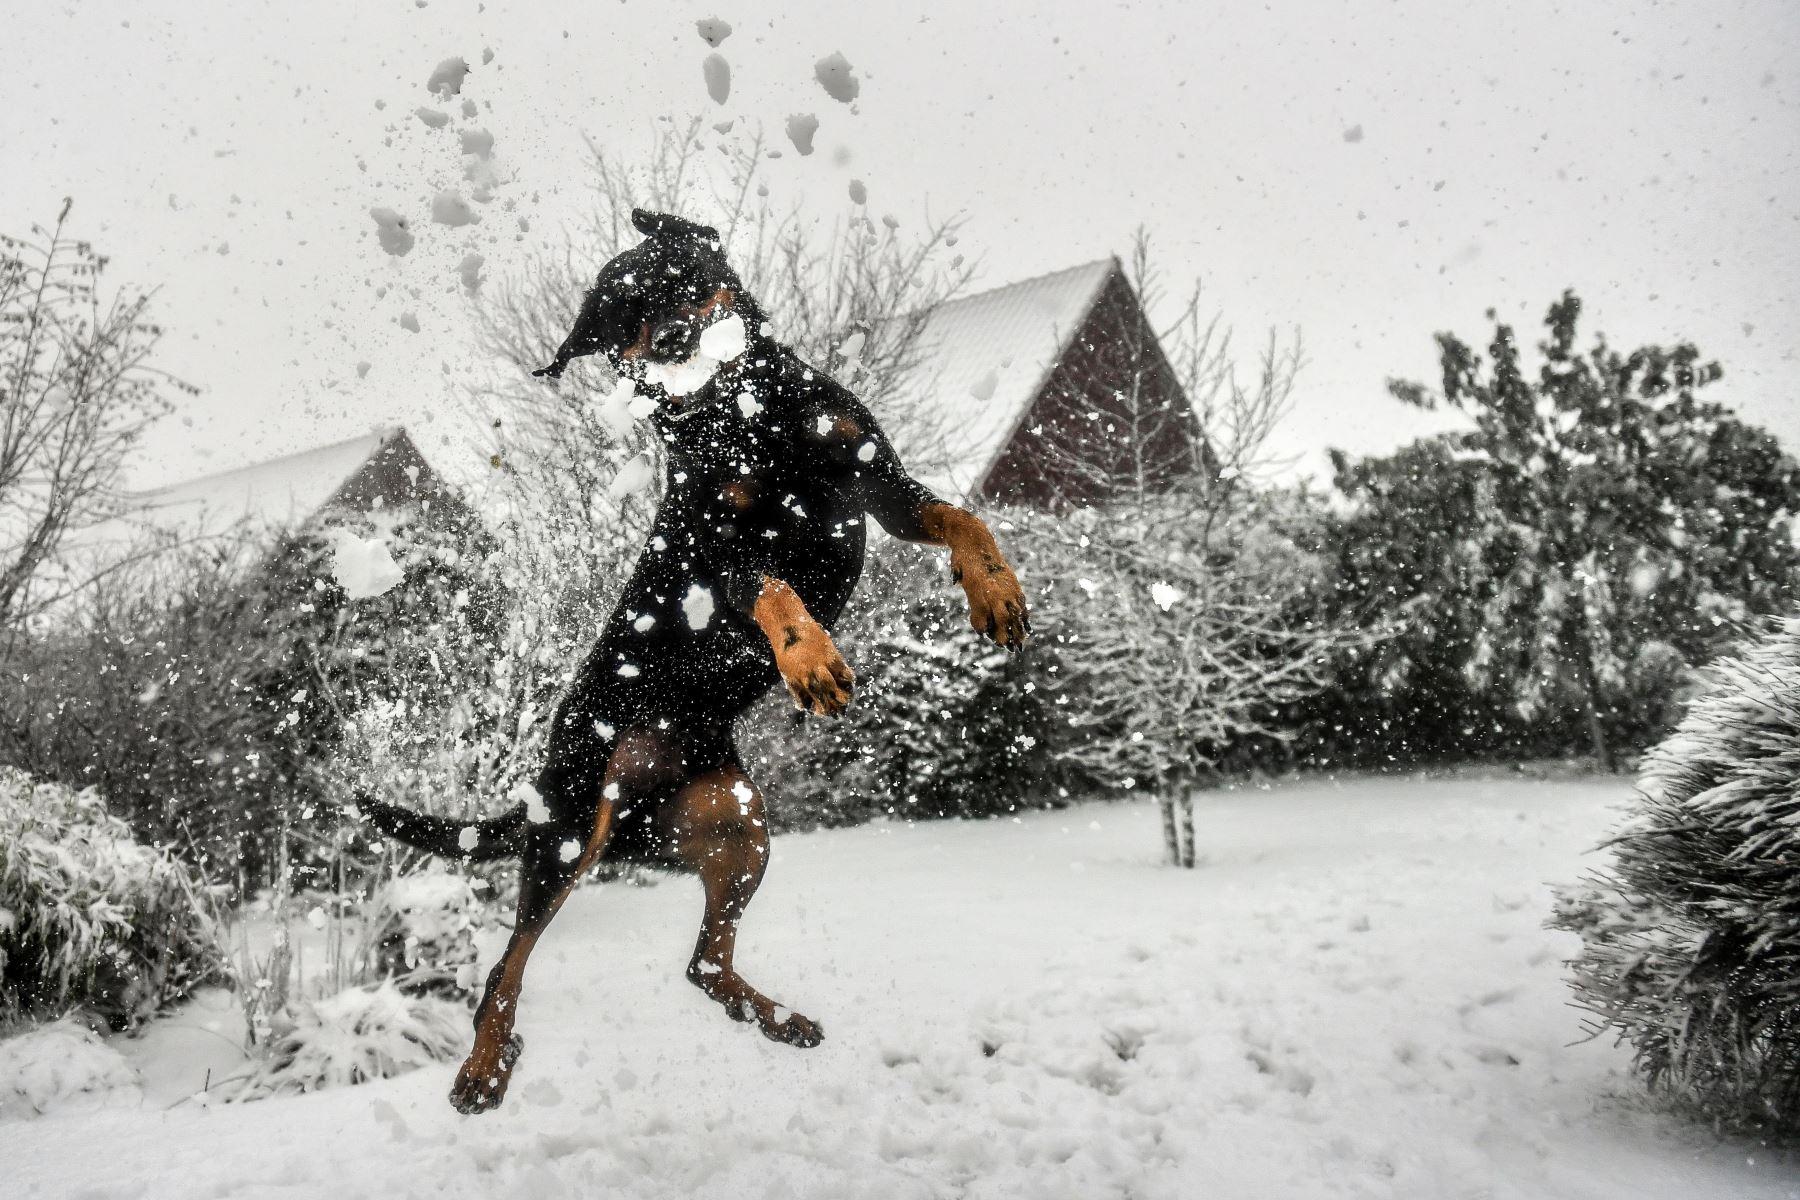 Un perro salta para atrapar una bola de nieve en Francia. Foto: AFP